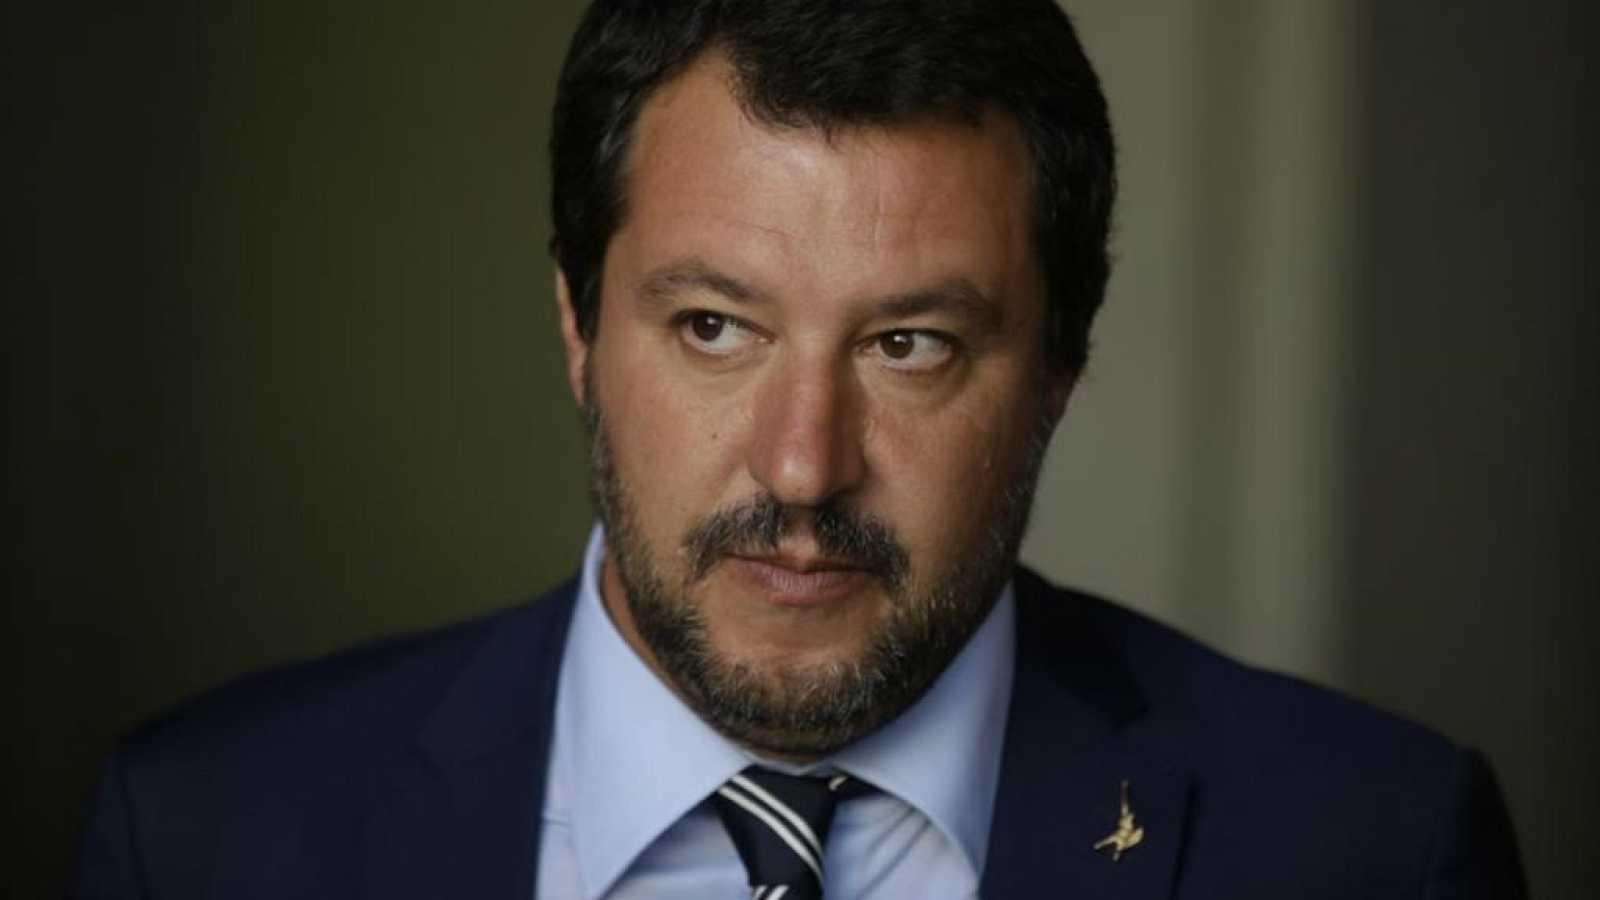 14 horas - La ley antiinmigración de Salvini: Multas de hasta 1 millón - escuchar ahora